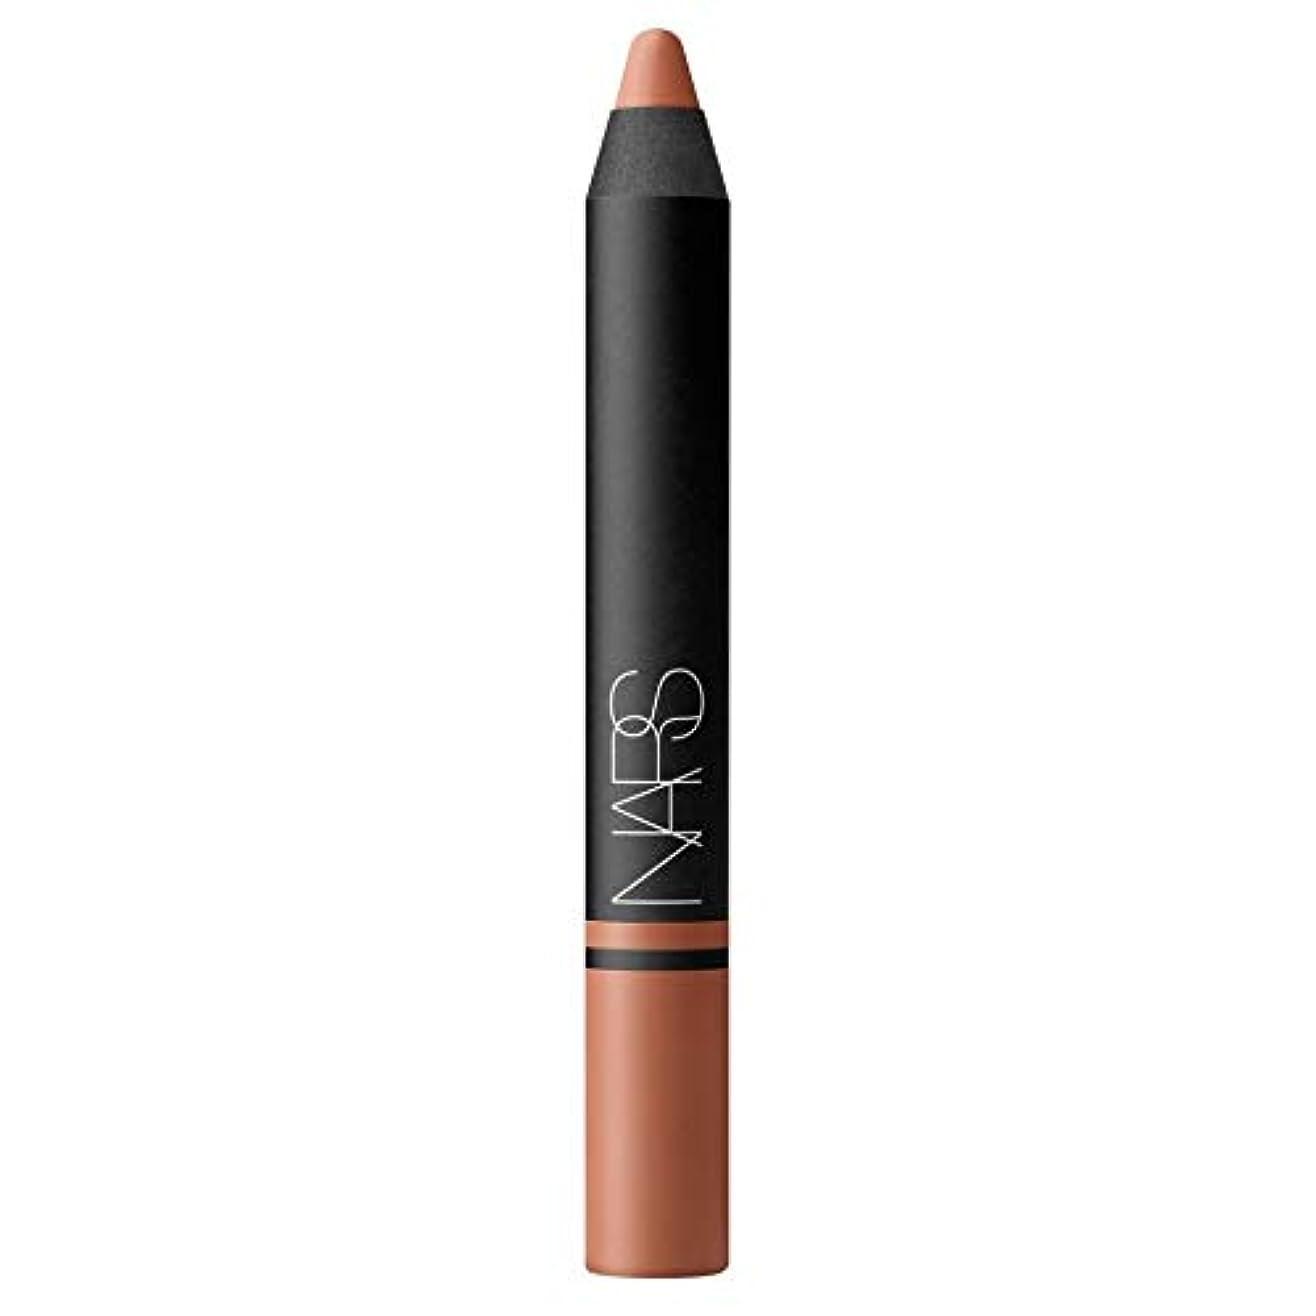 国勢調査もろい主観的[NARS] ベッラ島でのNarサテンリップペンシル - Nars Satin Lip Pencil in Isola Bella [並行輸入品]